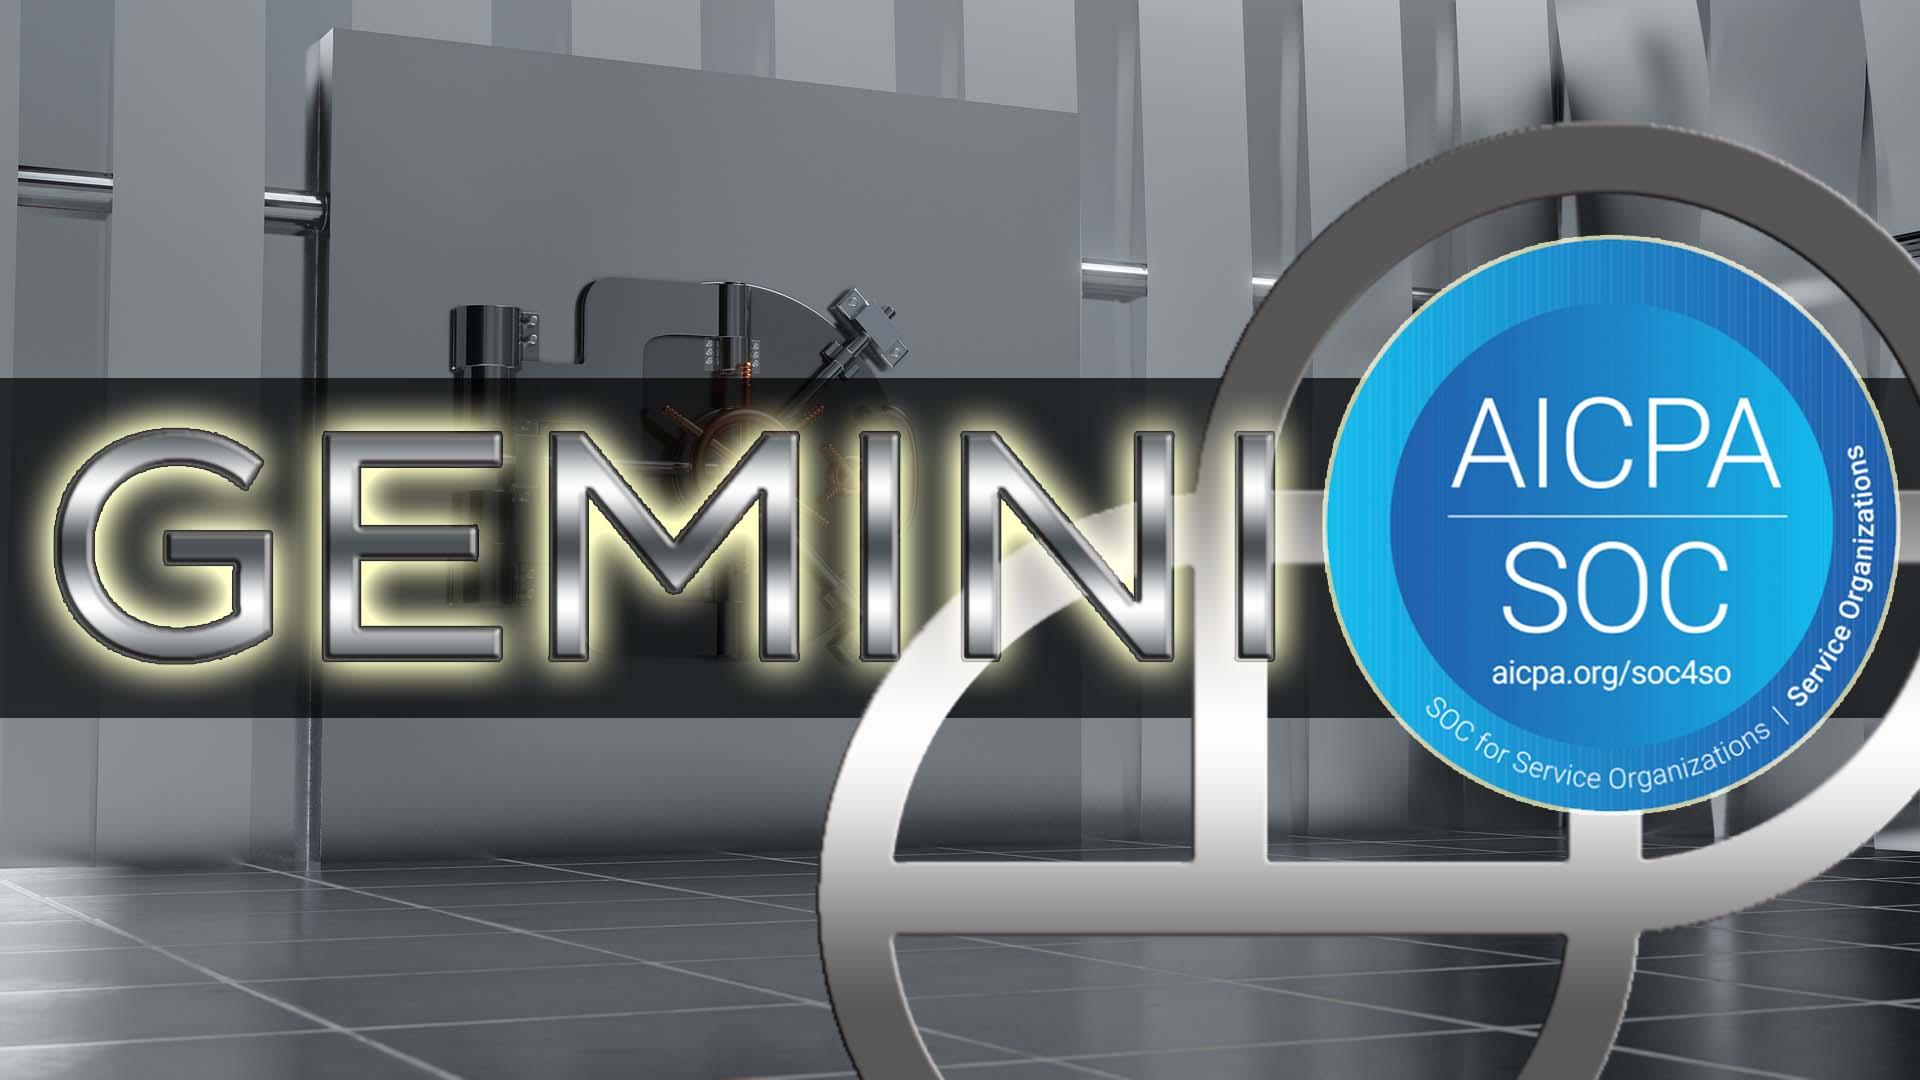 米大手仮想通貨取引所ジェミニが、SOC 1 Type 1審査を完了